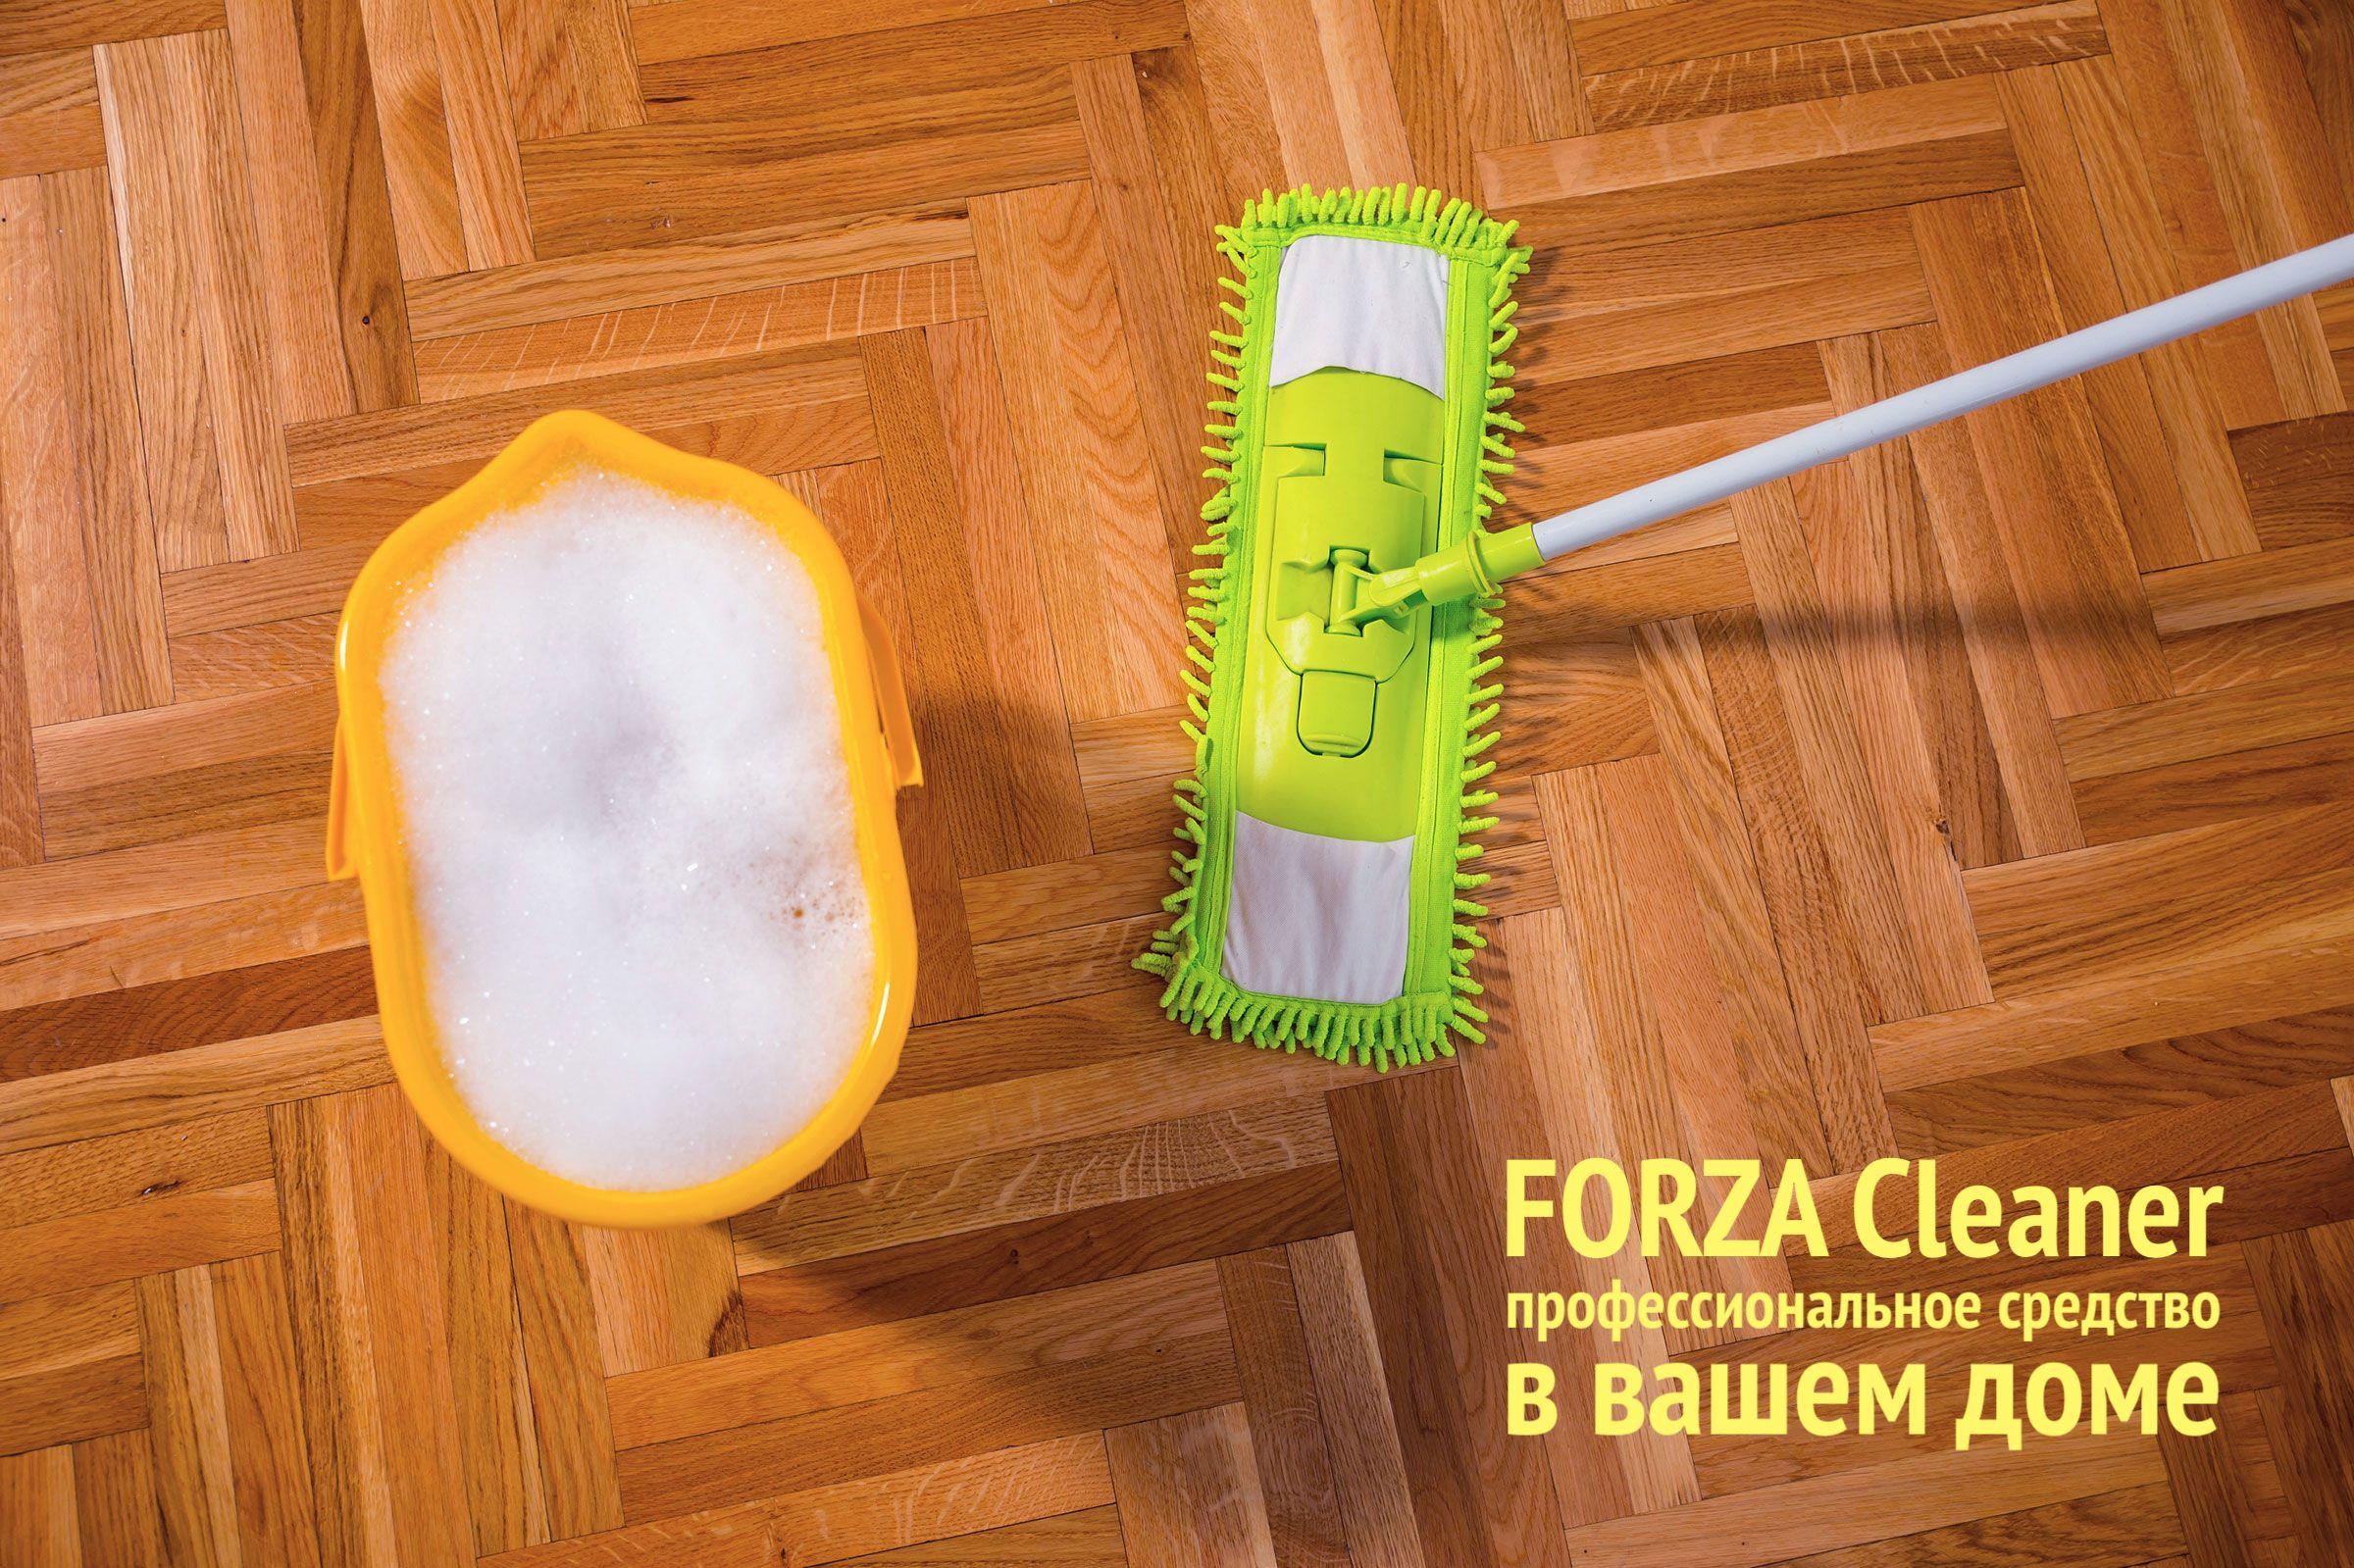 моющее средство FORZA Cleaner